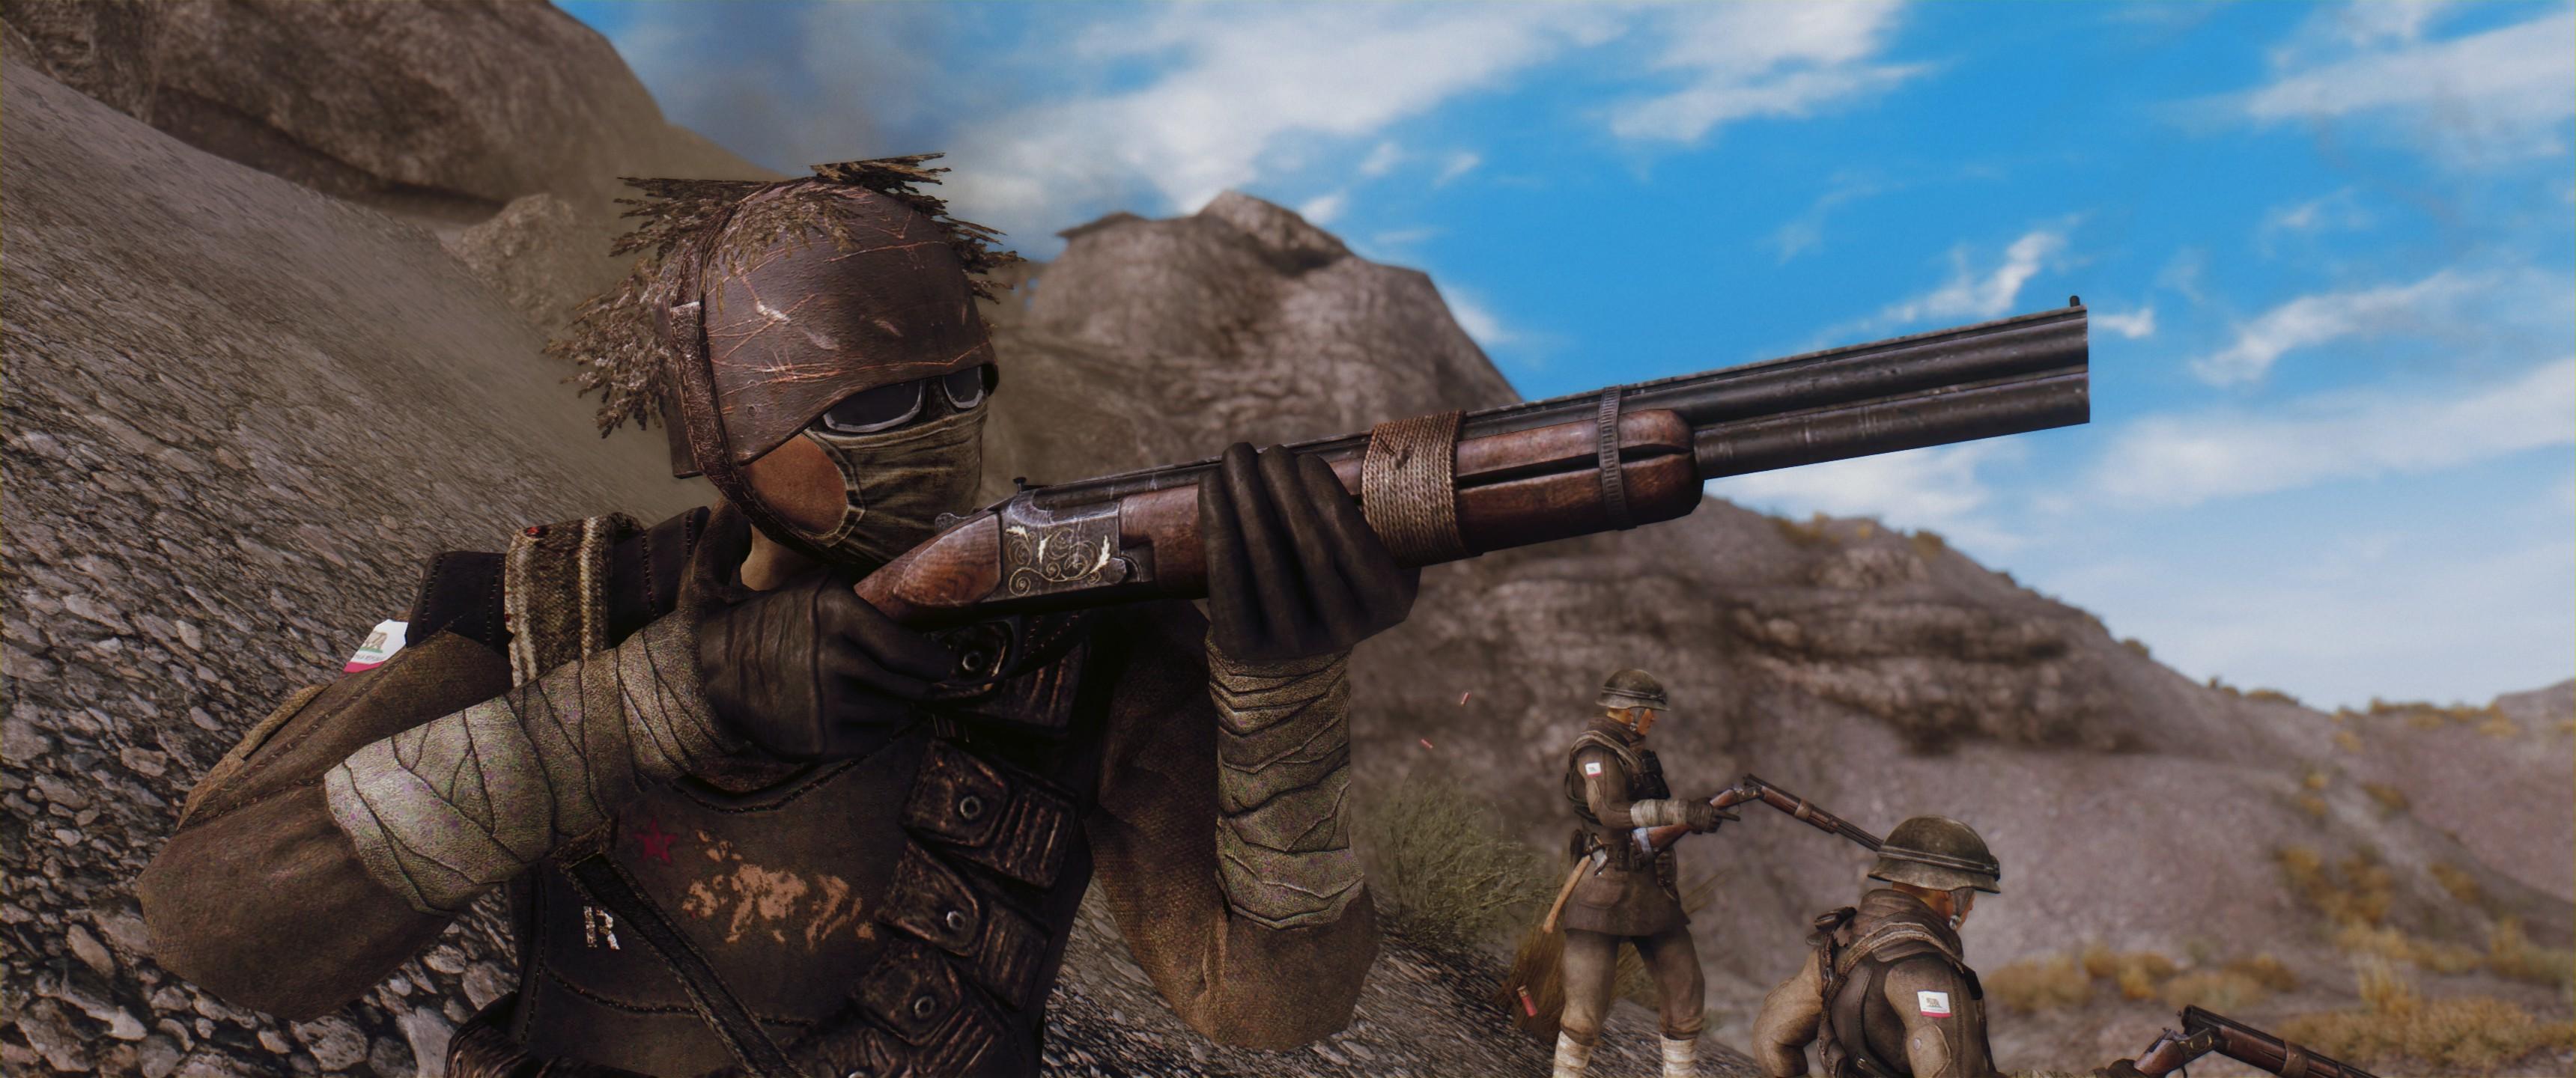 Fallout Screenshots XIV - Page 5 22380-screenshots-20191006113542-1